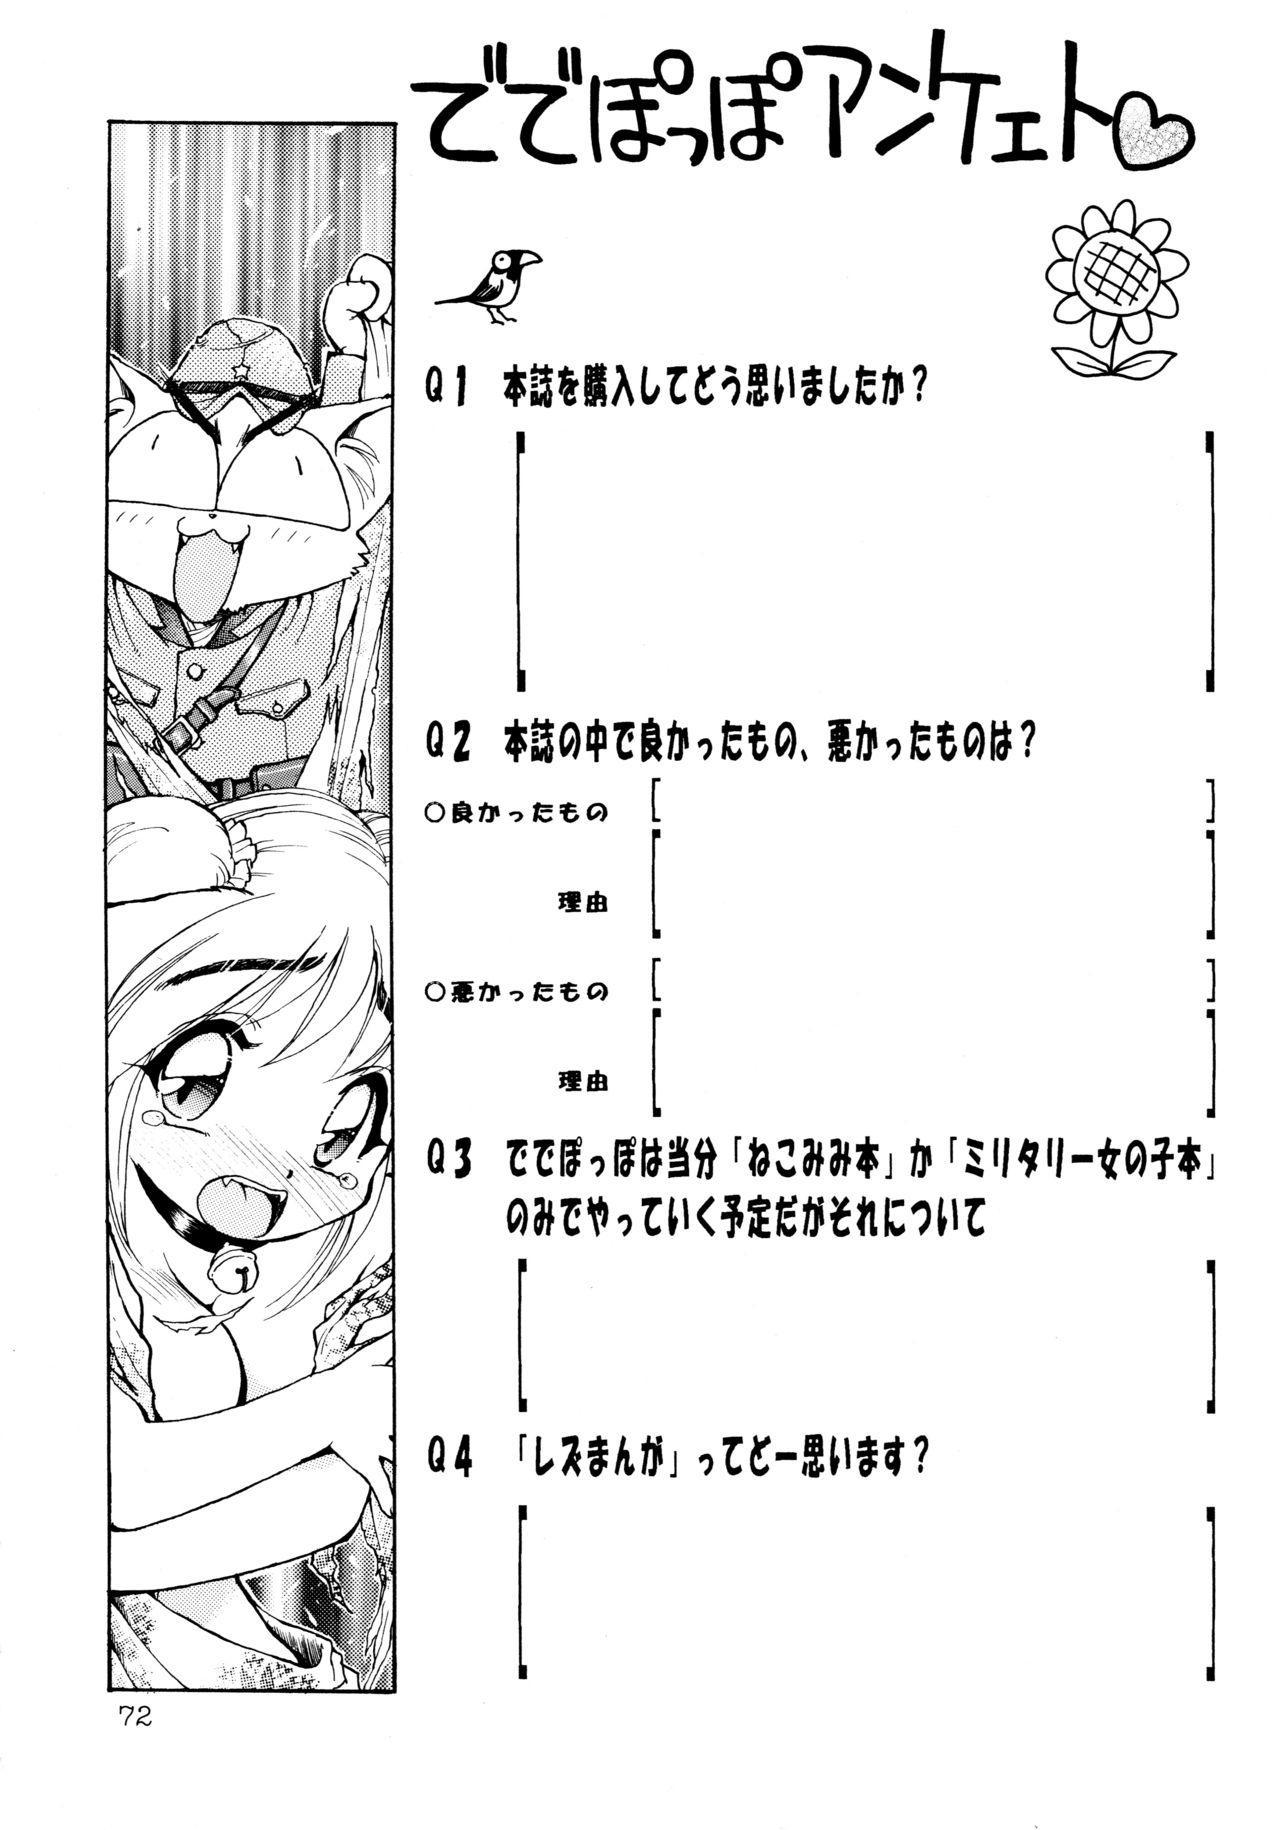 Uwasa no Neko Shuukai 71